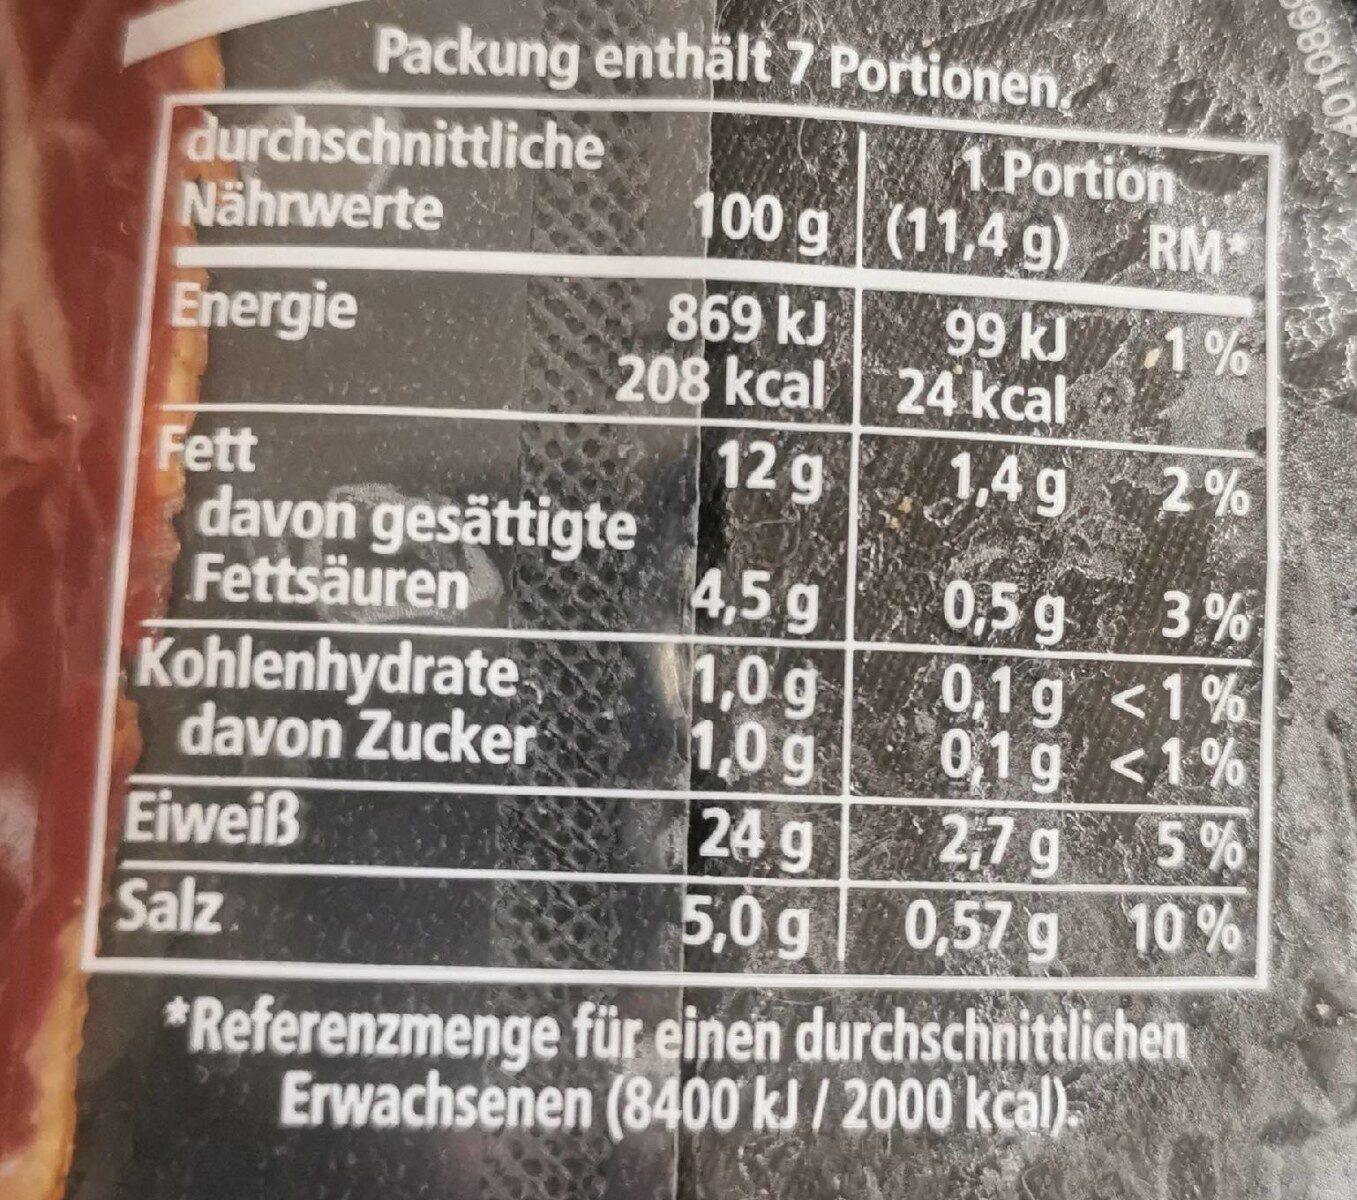 Landschinken mild geräuchert - Voedingswaarden - de